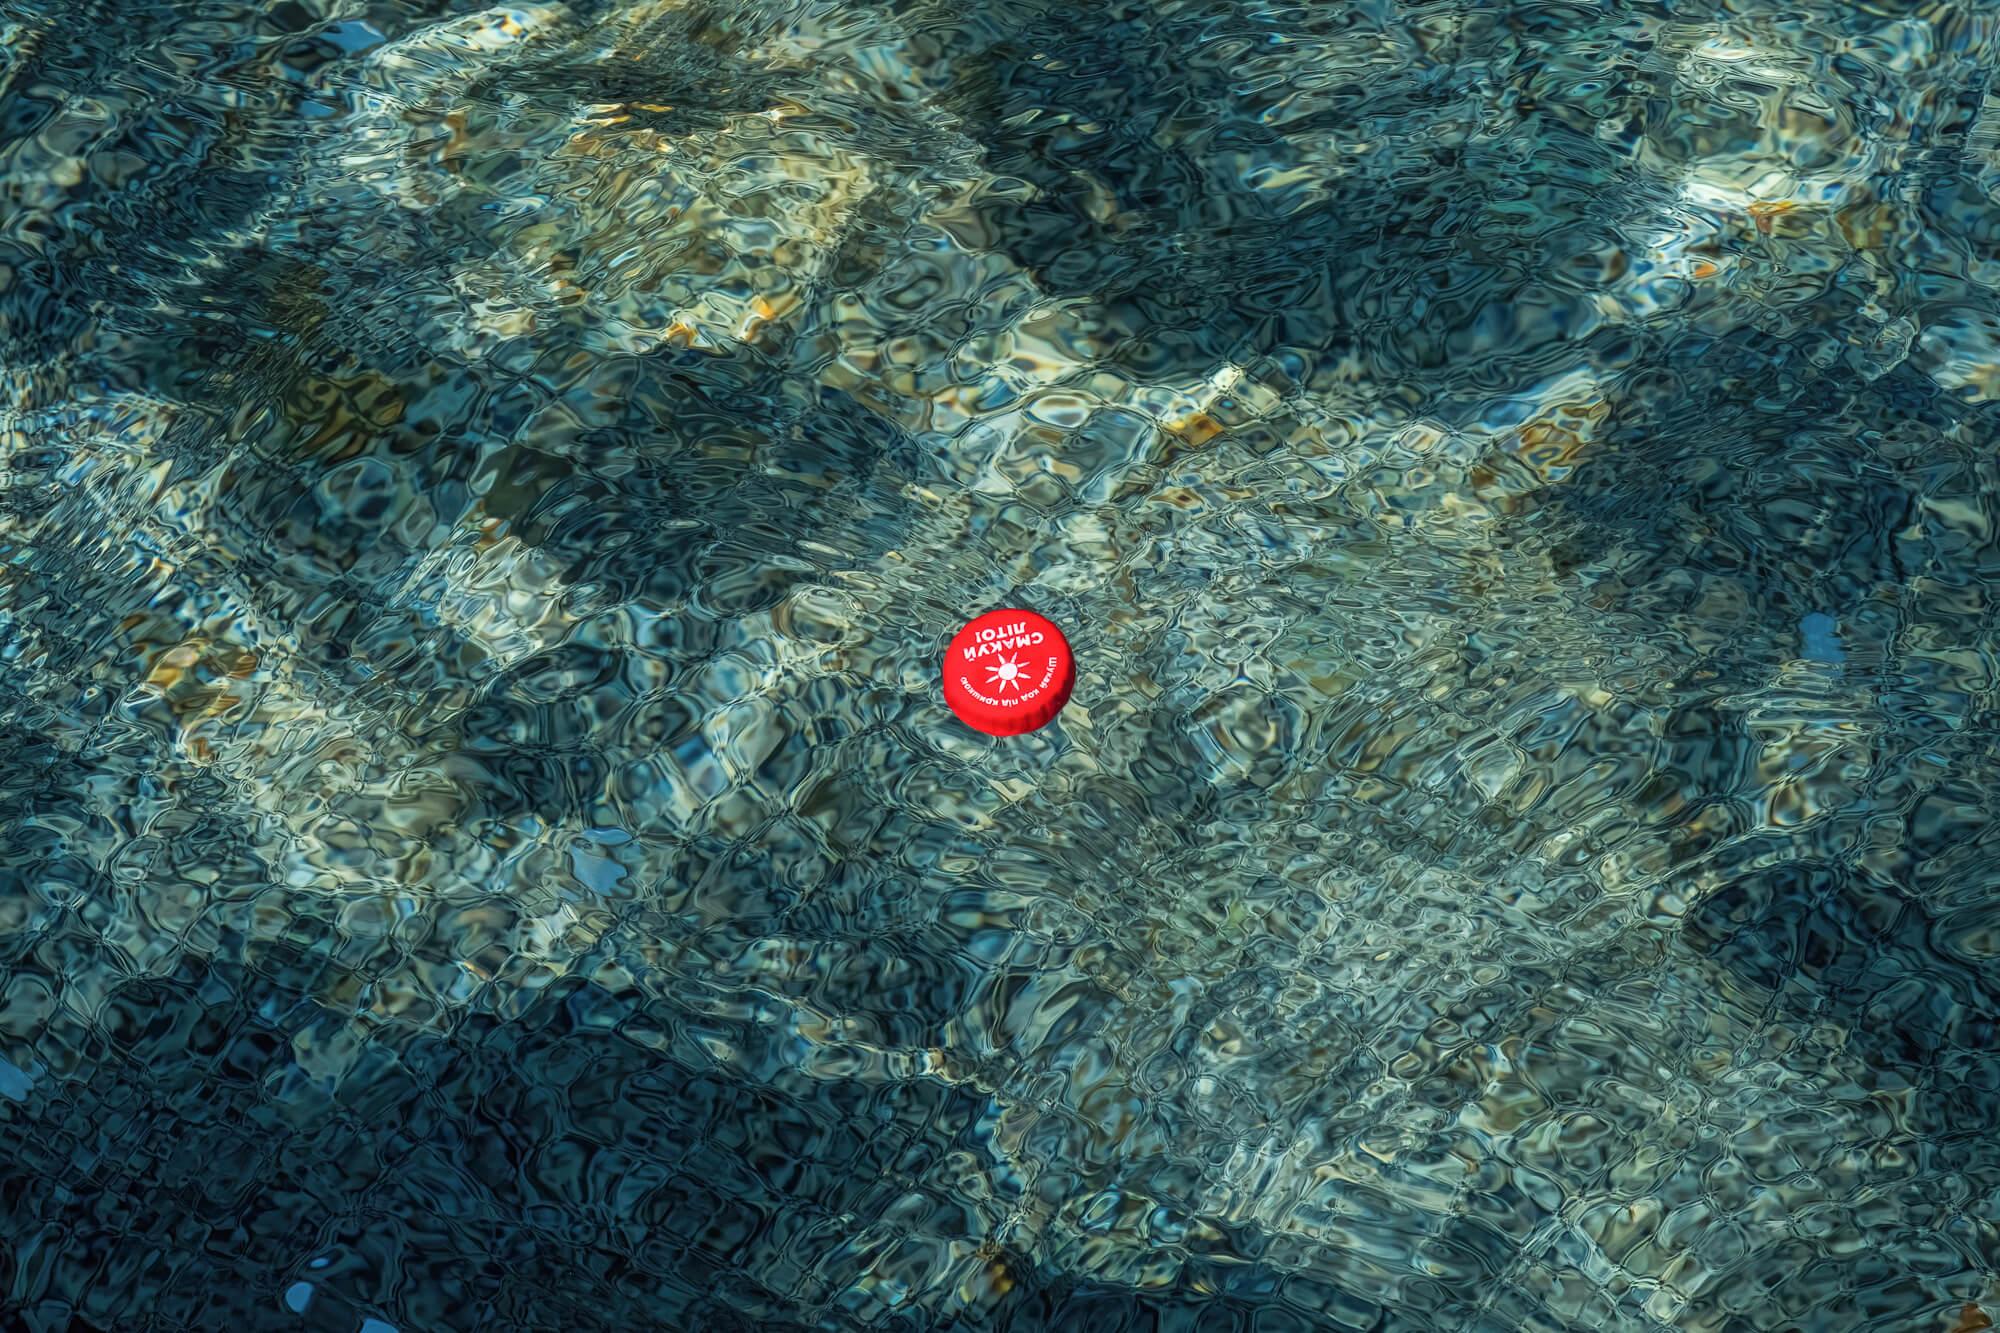 illusion abstract series Bryce Watanasoponwong, illusion abstract photography series